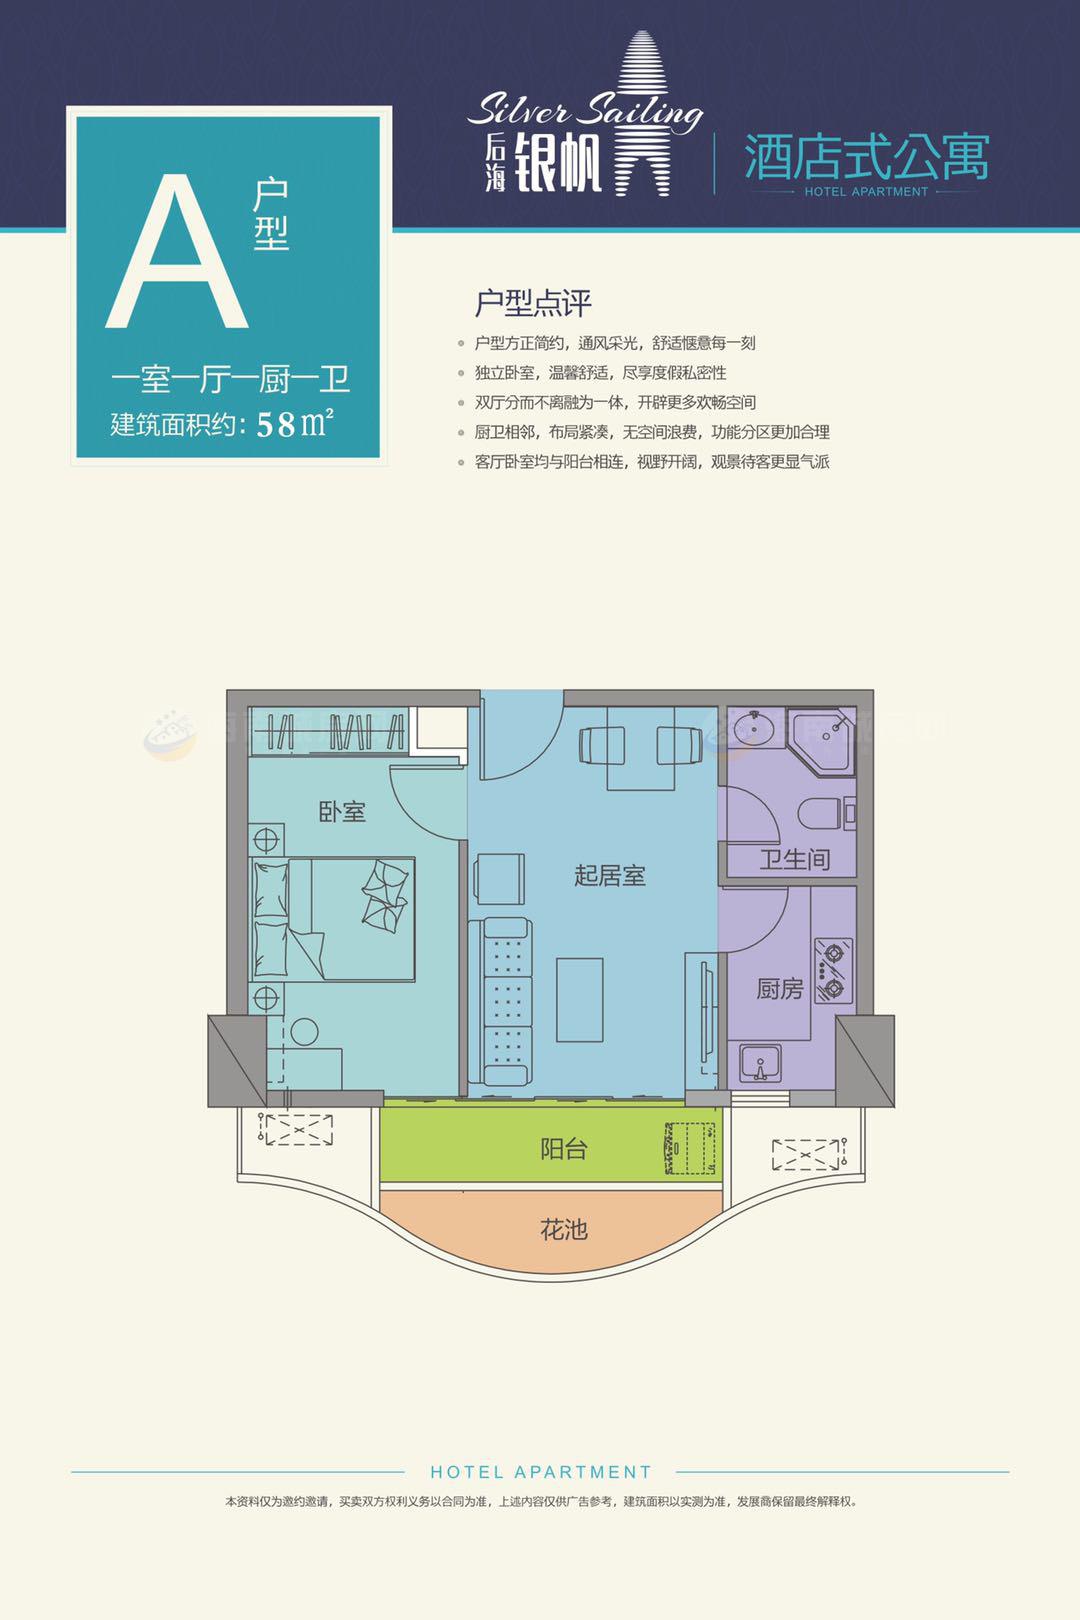 后海银帆1室1厅1厨1卫 (建筑面积:58.00㎡)